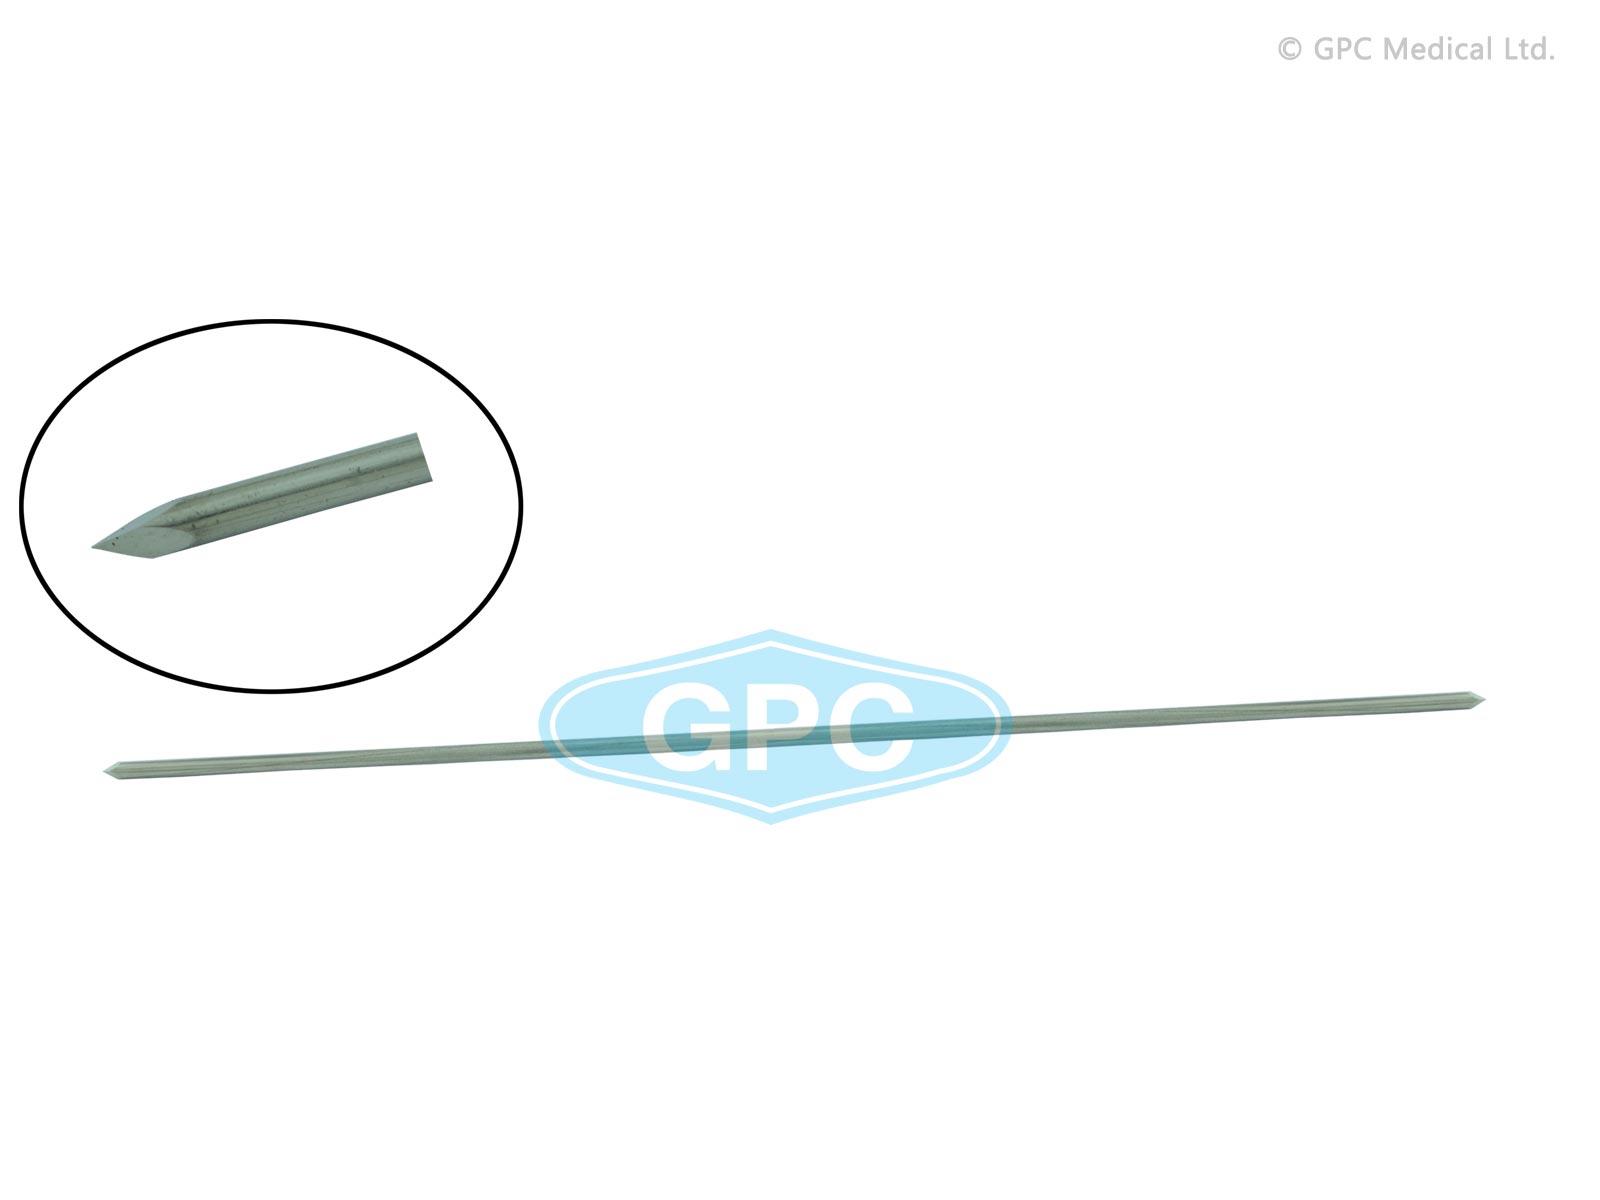 Fil de Krischner - Trocart lancéolé / Pointe de baïonette à extrémité simple/double